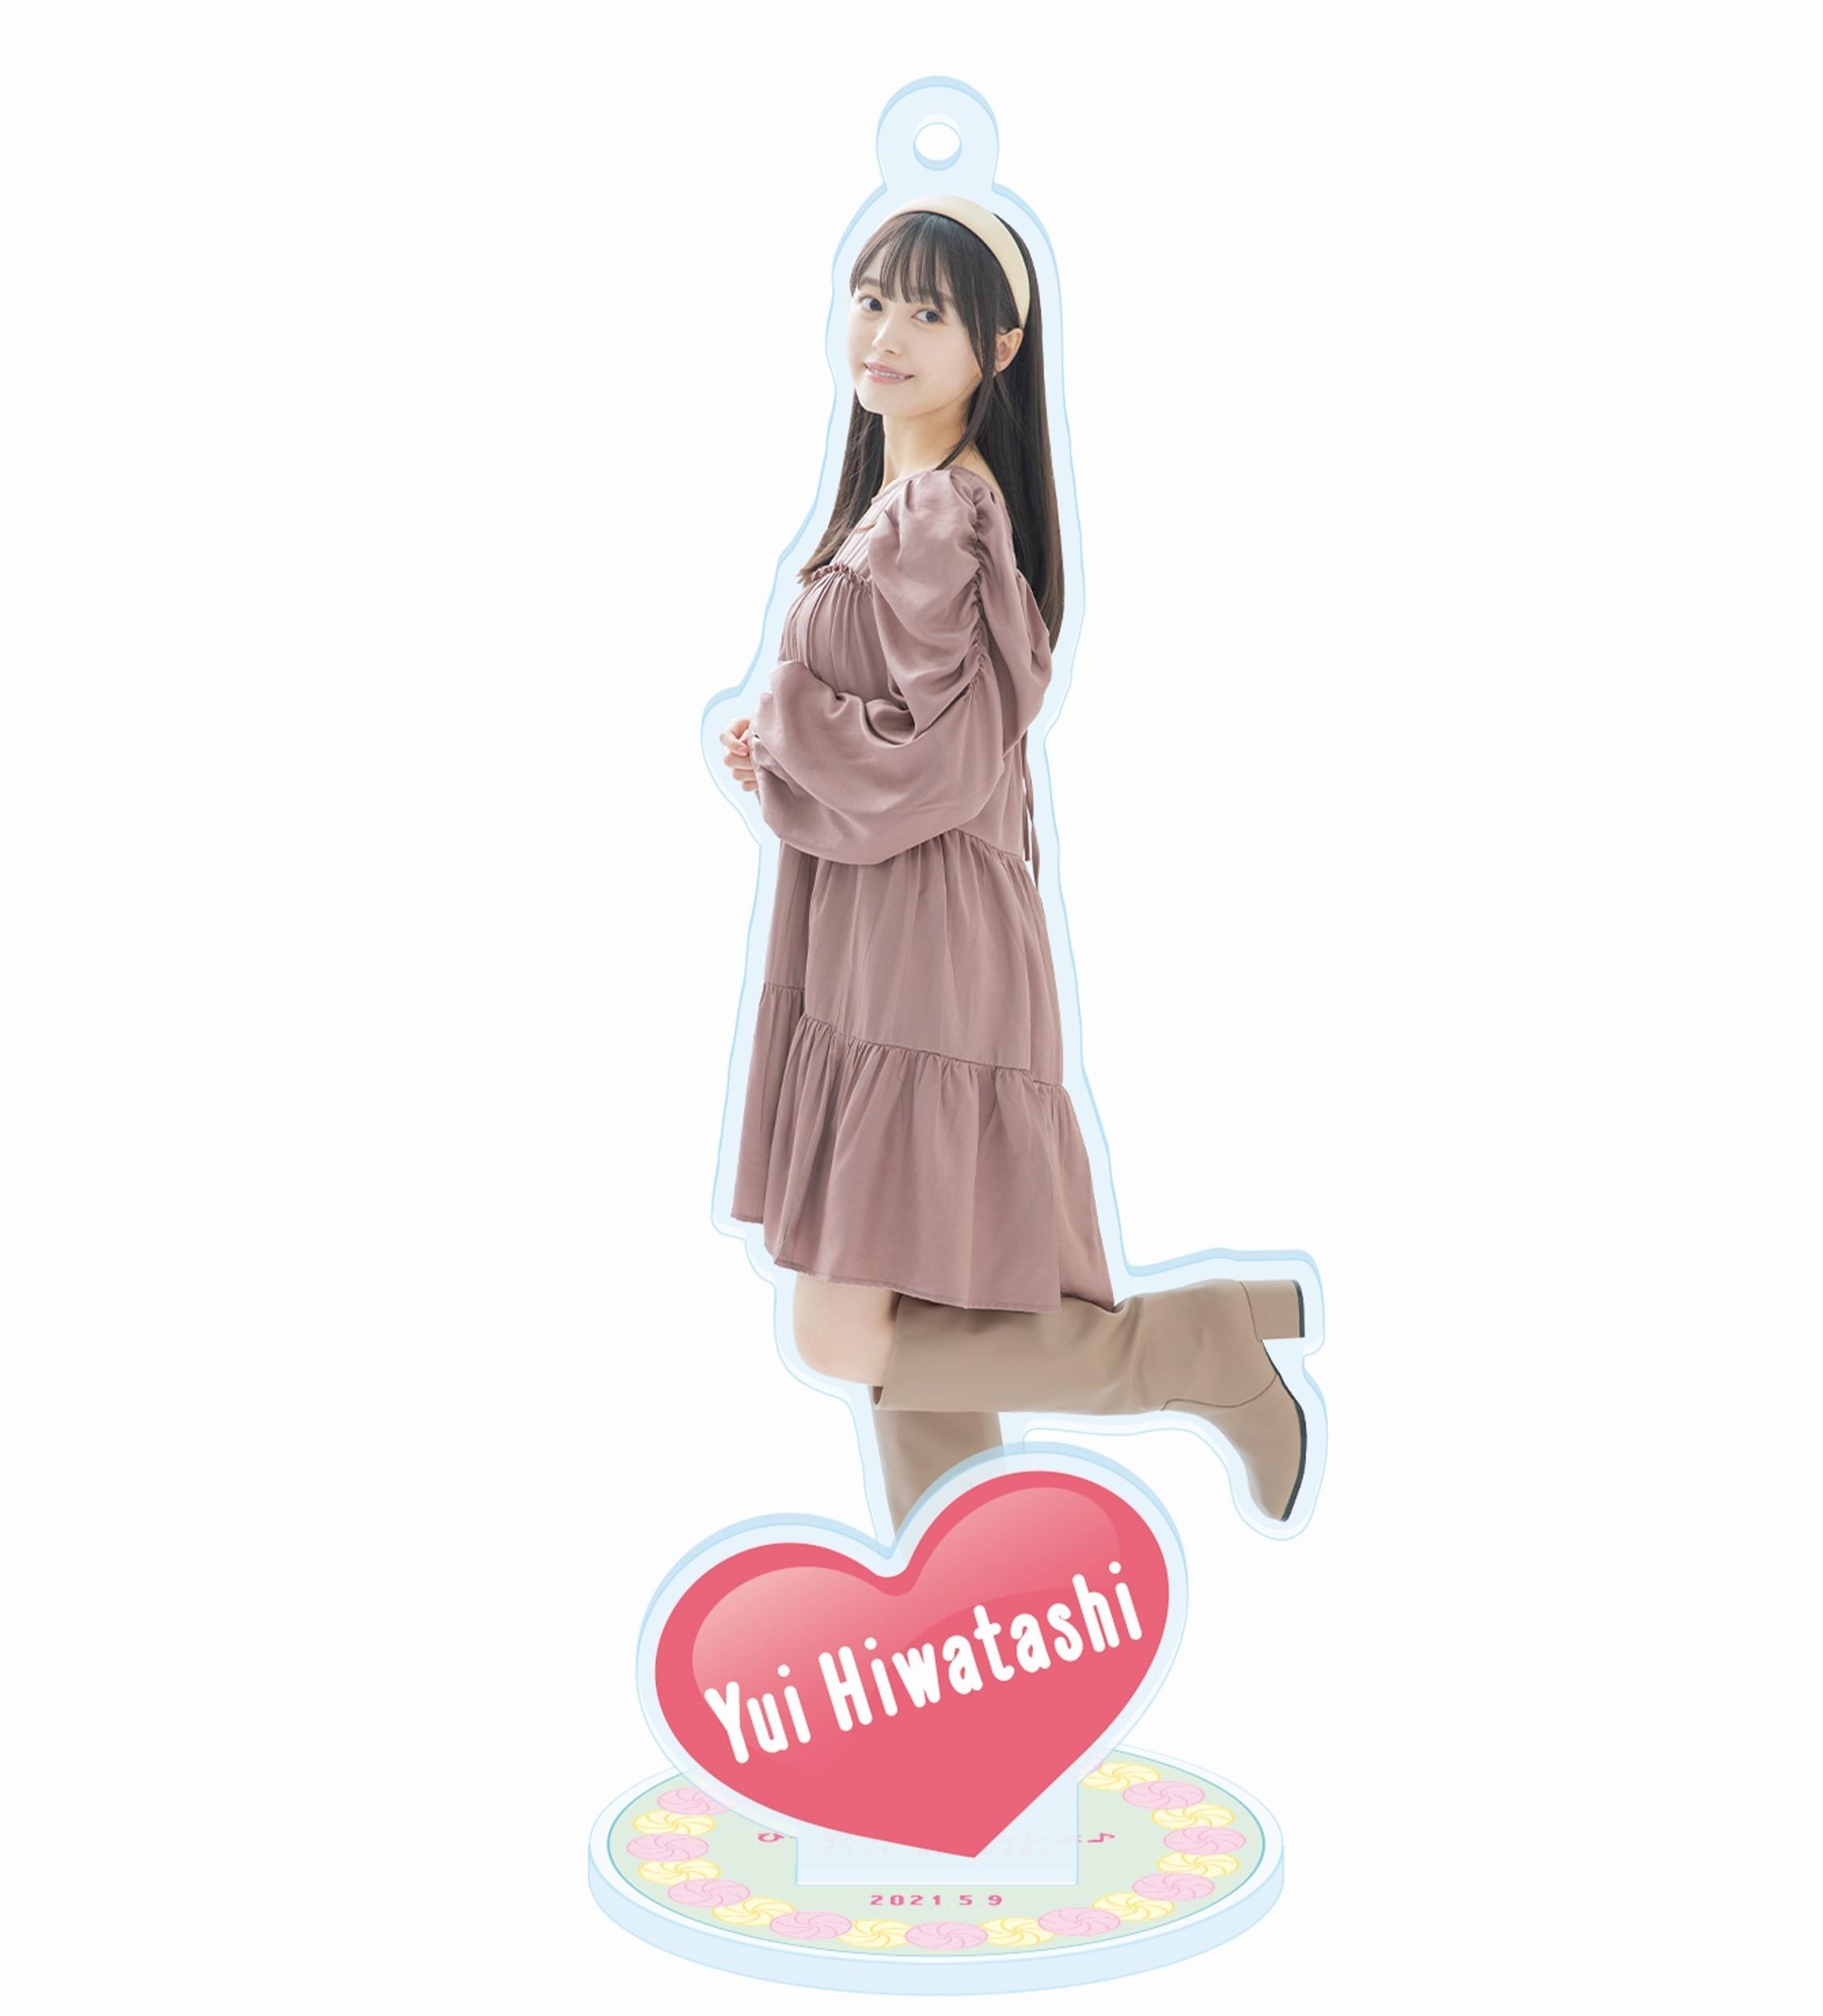 アクリルスタンドキーホルダー (ひーわたんといっしょ♪21st birthday ver.)